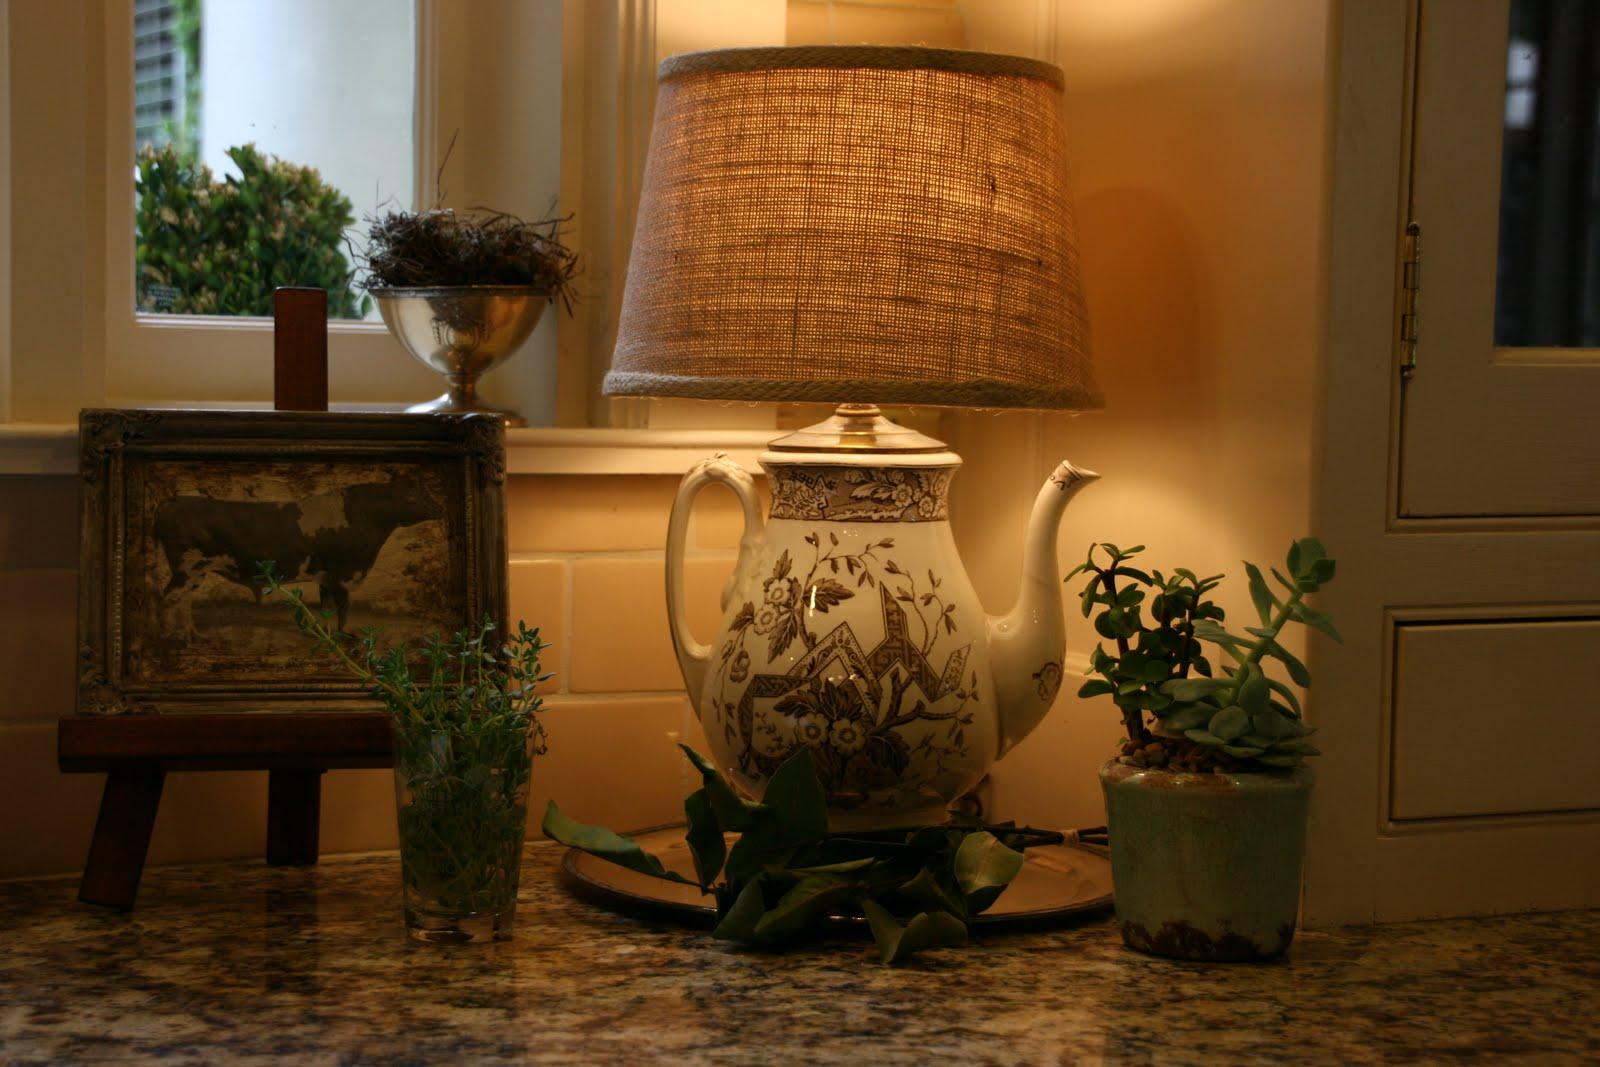 vignette design tuesday inspiration kitchen vignettes. Black Bedroom Furniture Sets. Home Design Ideas